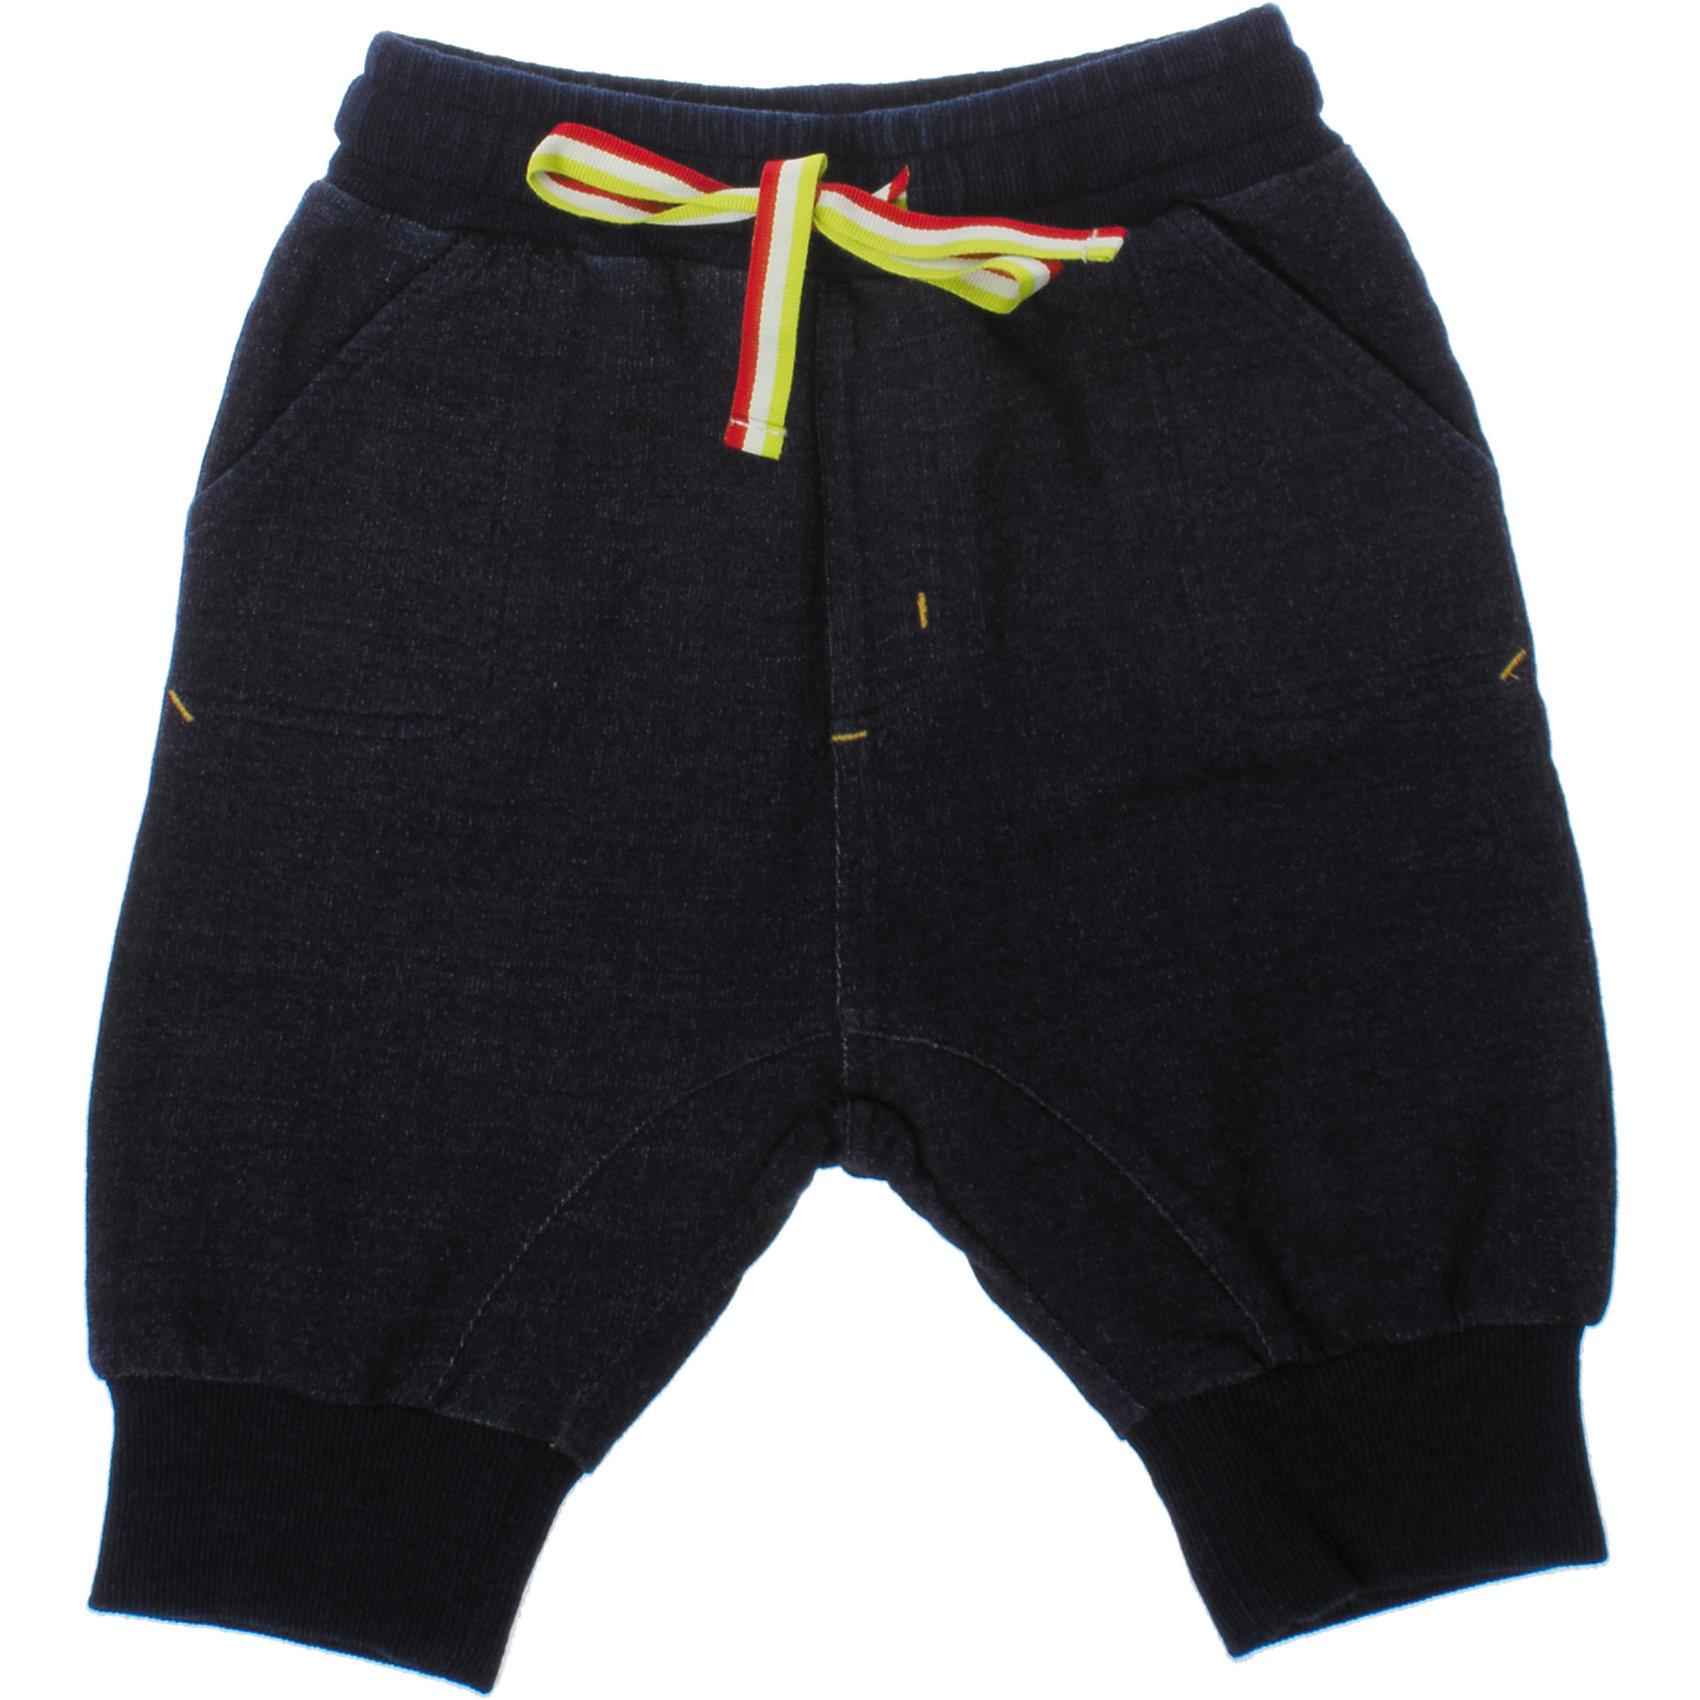 Бриджи для мальчика PlayTodayСтильные бриджи с заниженной слонкой. Материал - мягкий футер, имитирующий джинсу. Низ штанишек и пояс на мягкой резинке, дополнительно регулируется шнурком. Есть три кармашка. Состав: 95% хлопок, 5% эластан<br><br>Ширина мм: 191<br>Глубина мм: 10<br>Высота мм: 175<br>Вес г: 273<br>Цвет: синий<br>Возраст от месяцев: 84<br>Возраст до месяцев: 96<br>Пол: Мужской<br>Возраст: Детский<br>Размер: 128,110,98,104,116,122<br>SKU: 4652540